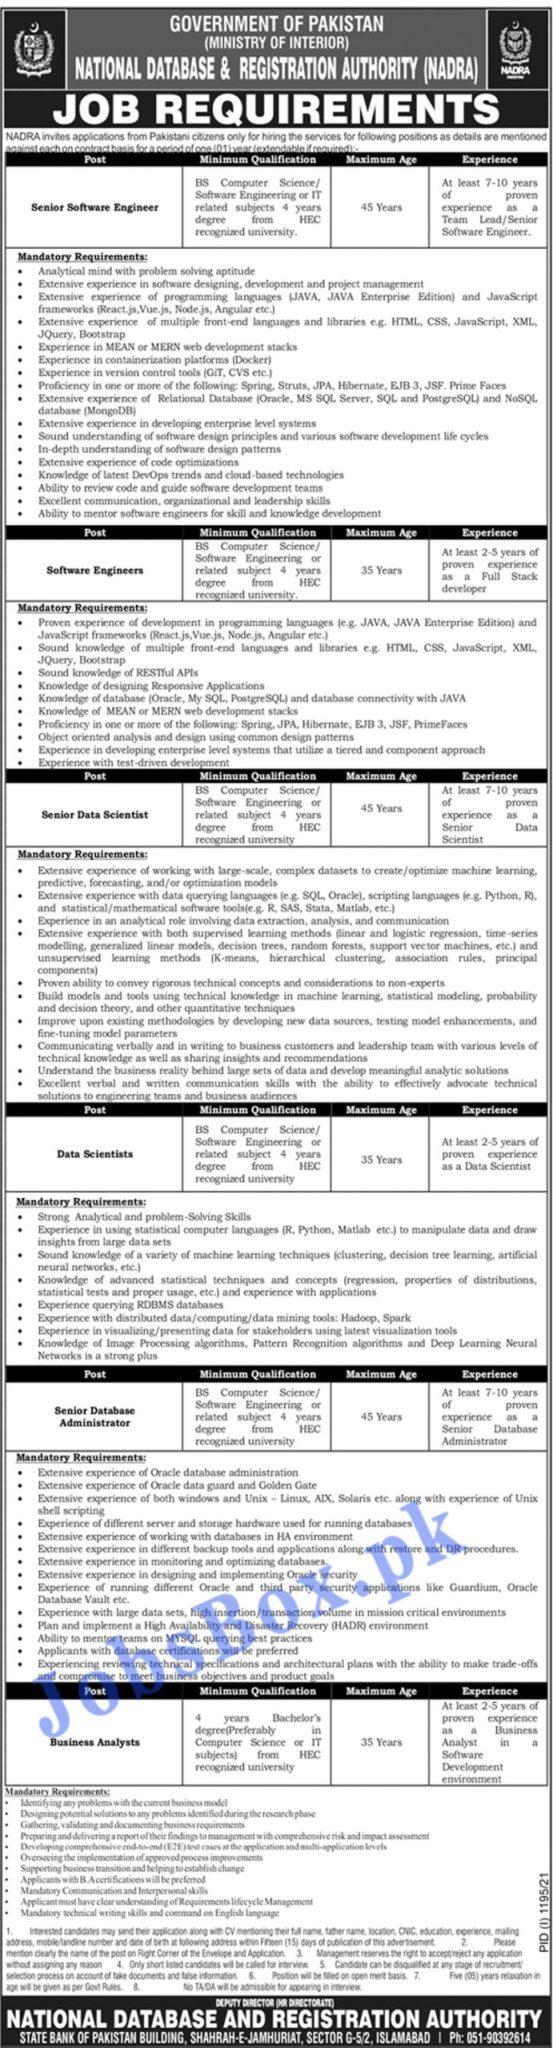 NADRA Islamabad Jobs 2021 in Pakistan